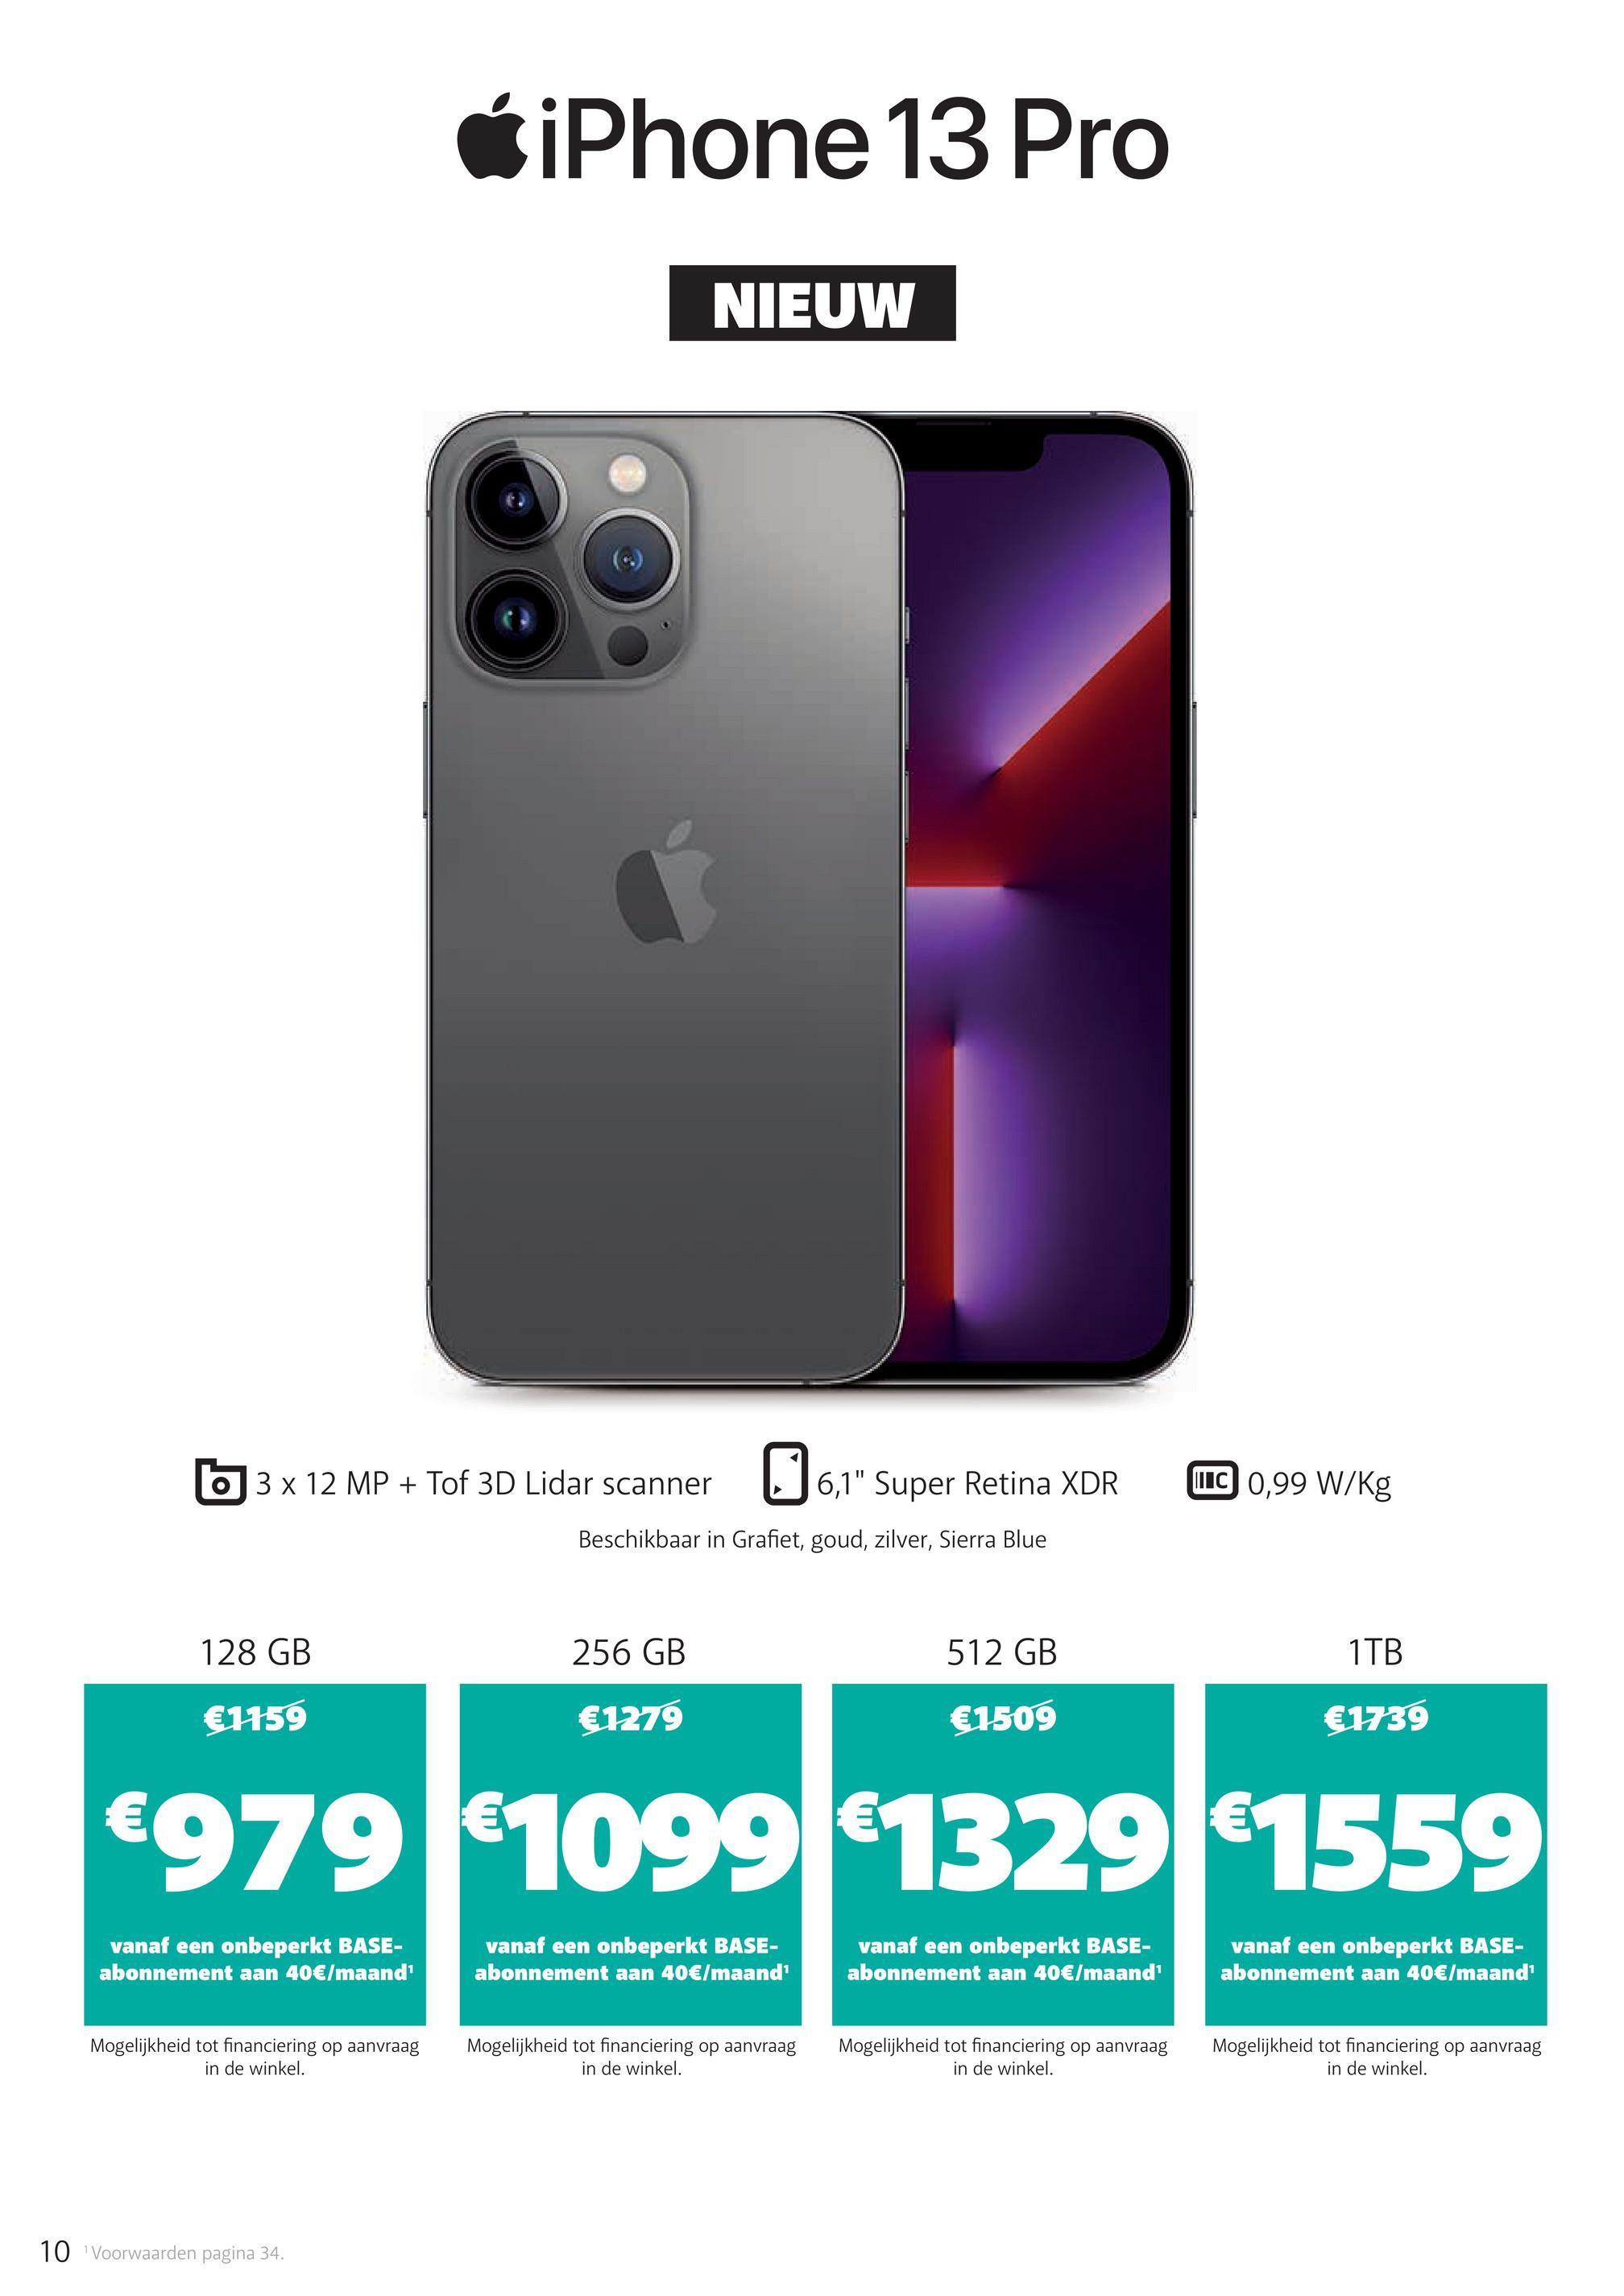 """iPhone 13 Pro NIEUW 3 x 12 MP + Tof 3D Lidar scanner 96,1 """" Super Retina XDR LTC 0,99 W/kg Beschikbaar in Grafiet, goud, zilver, Sierra Blue 128 GB 256 GB 512 GB 1TB €1159 €1279 €1509 €1739 €9791099 1329 1559 vanaf een onbeperkt BASE- abonnement aan 40€/maand vanaf een onbeperkt BASE- abonnement aan 40€/maand vanaf een onbeperkt BASE- abonnement aan 40€/maand vanaf een onbeperkt BASE- abonnement aan 40€/maand Mogelijkheid tot financiering op aanvraag in de winkel. Mogelijkheid tot financiering op aanvraag in de winkel. Mogelijkheid tot financiering op aanvraag in de winkel. Mogelijkheid tot financiering op aanvraag in de winkel. 10 Voorwaarden pagina 34."""